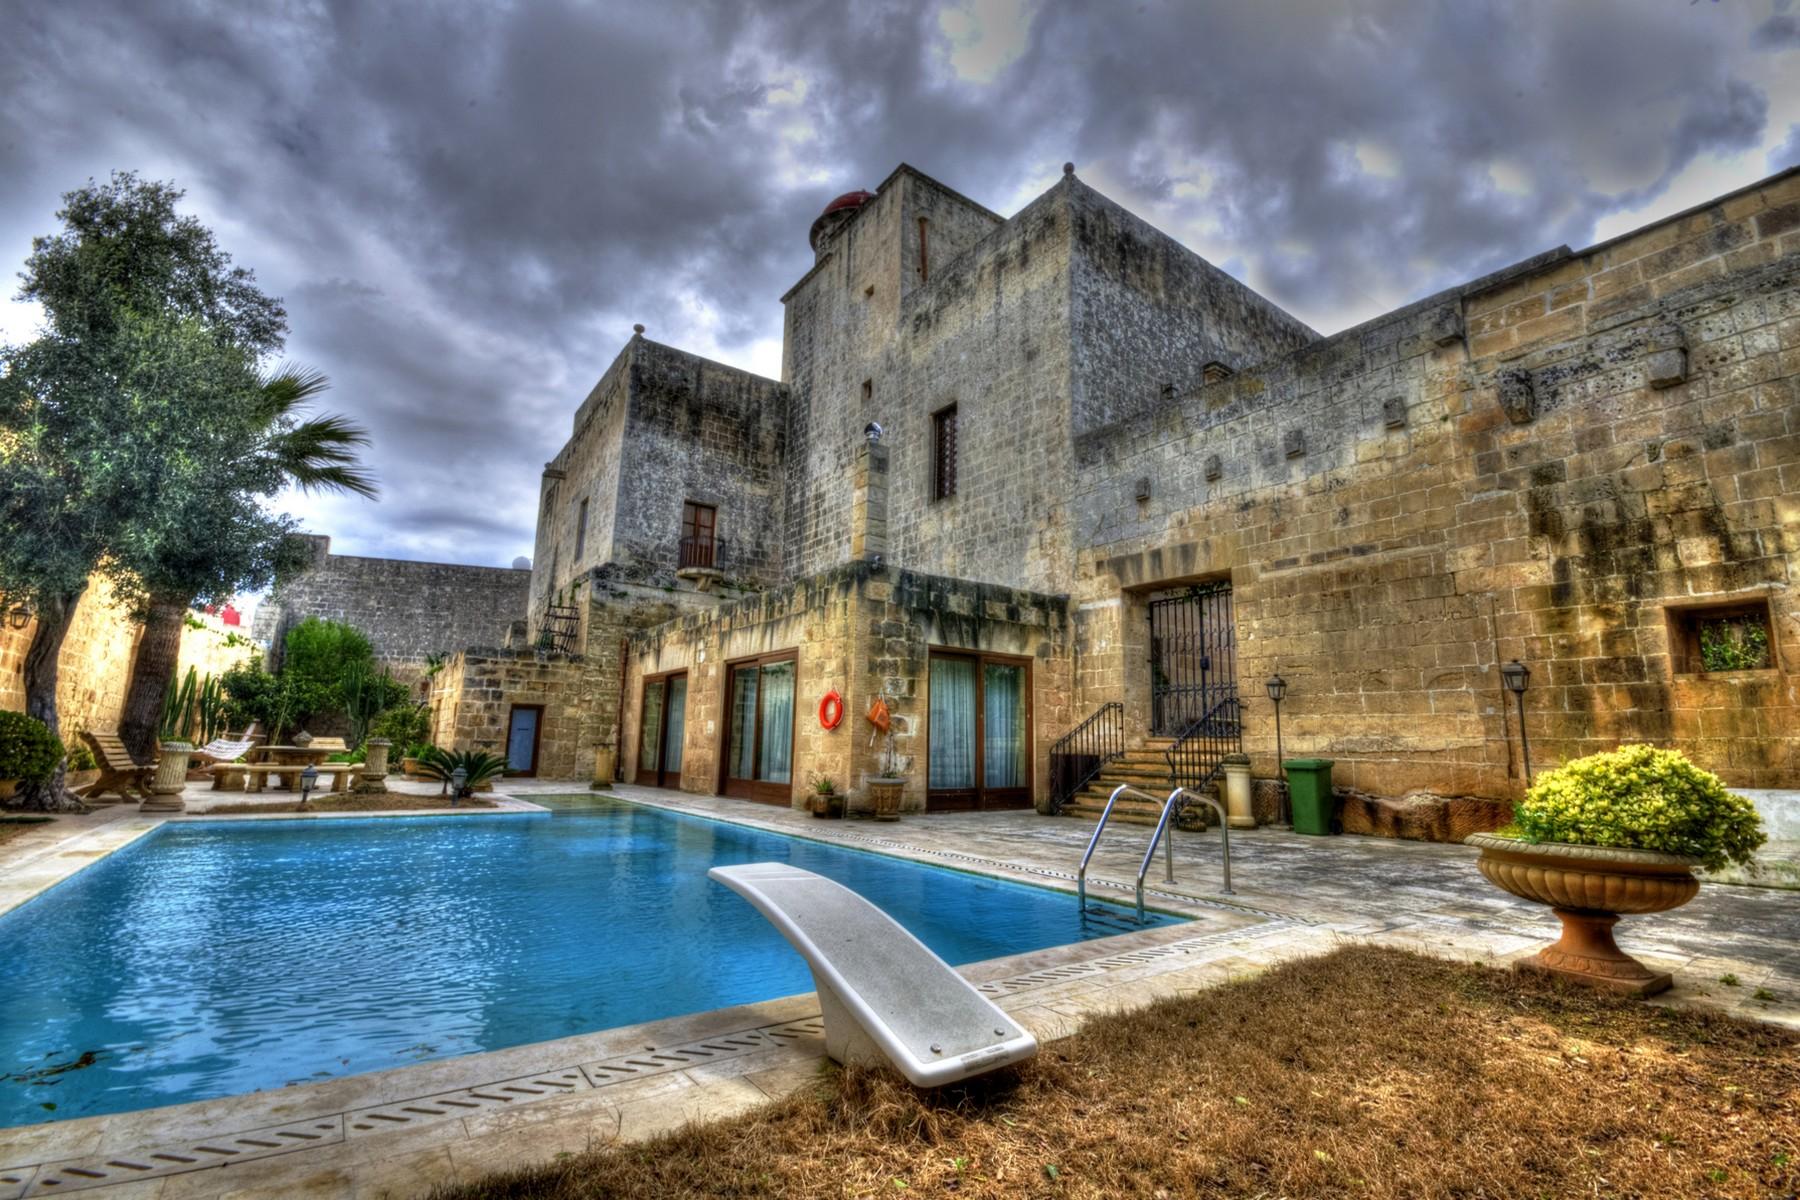 Single Family Home for Sale at Magnificent Palazzo Qormi, Malta Malta